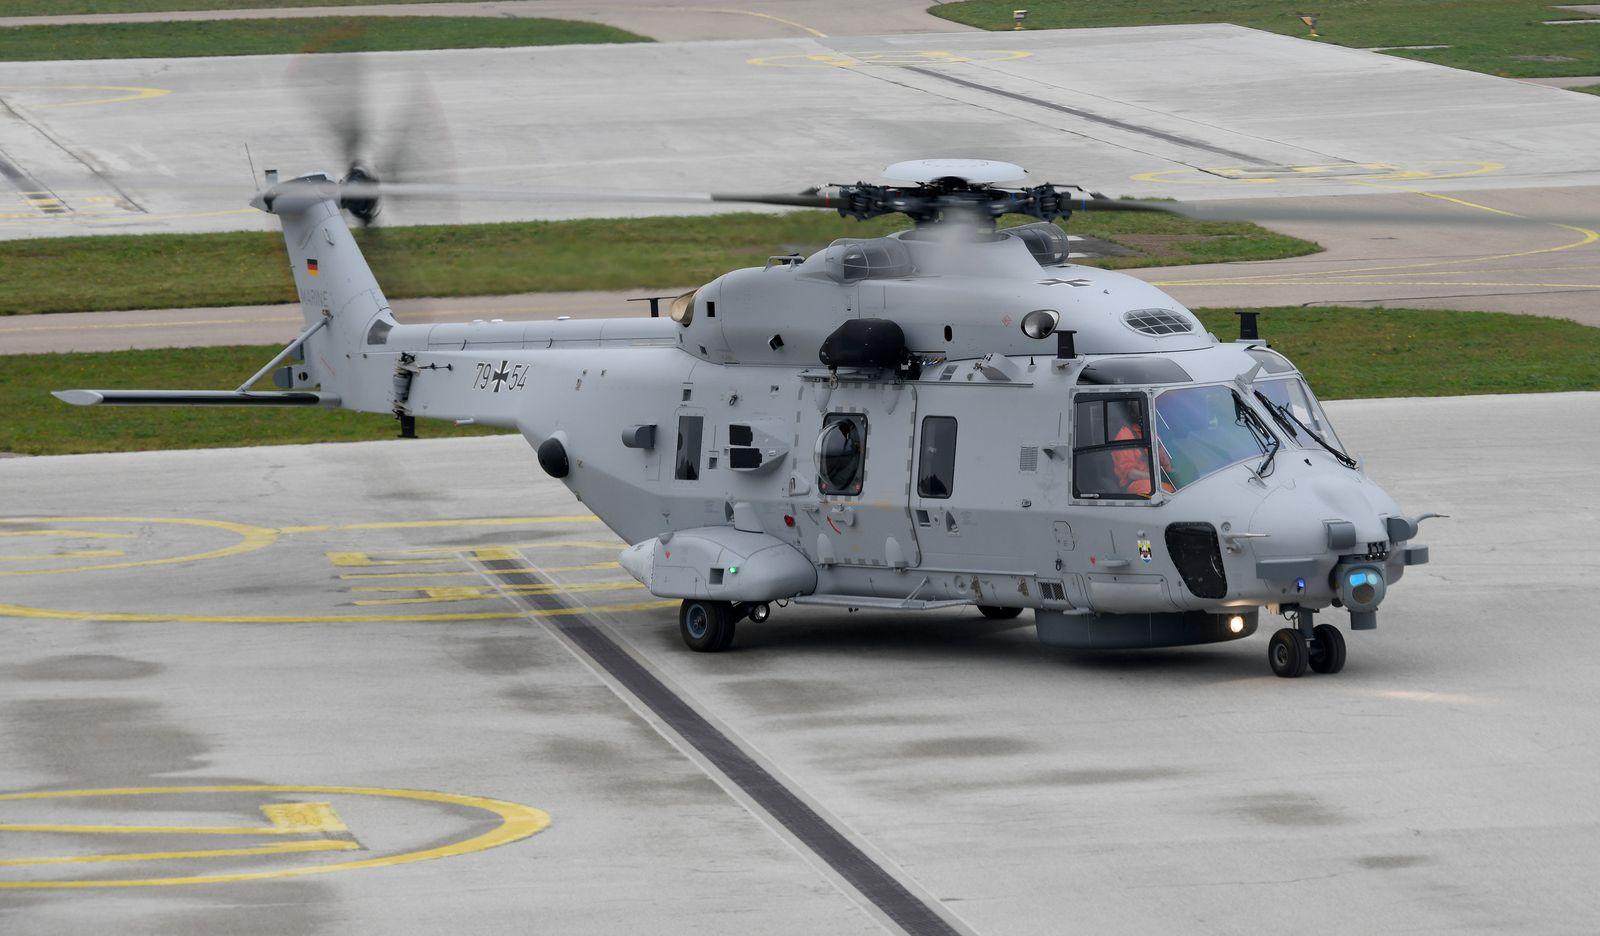 Marine-Hubschrauber bleibt am Boden